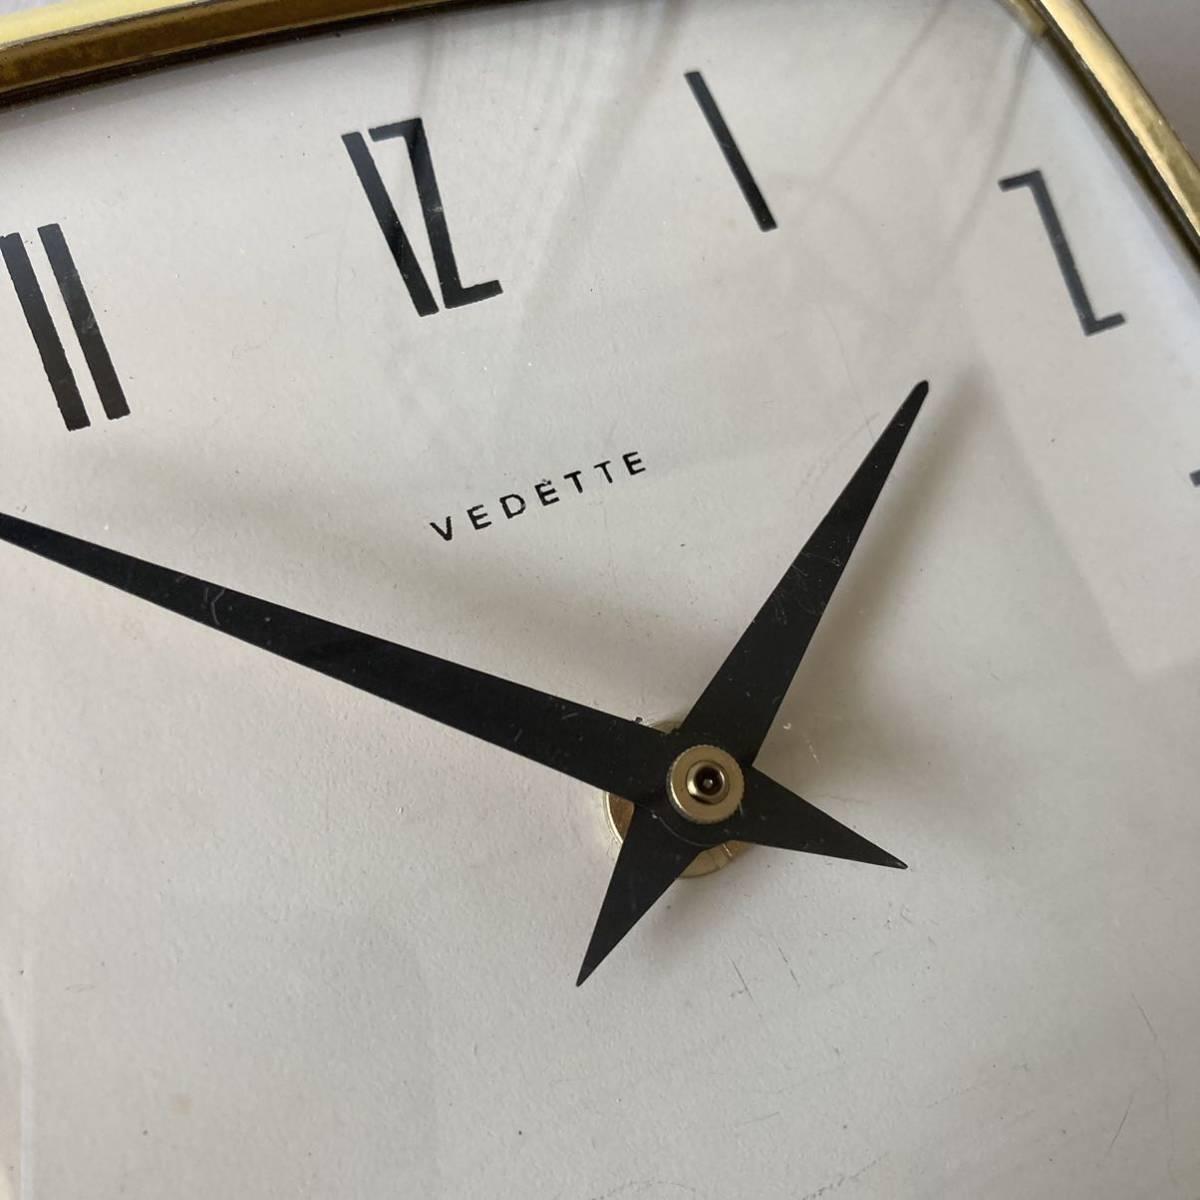 フランス ヴィンテージ ウォールクロック ミッドセンチュリー インテリア ディスプレイ 店舗什器 掛け時計 デザイン_画像5